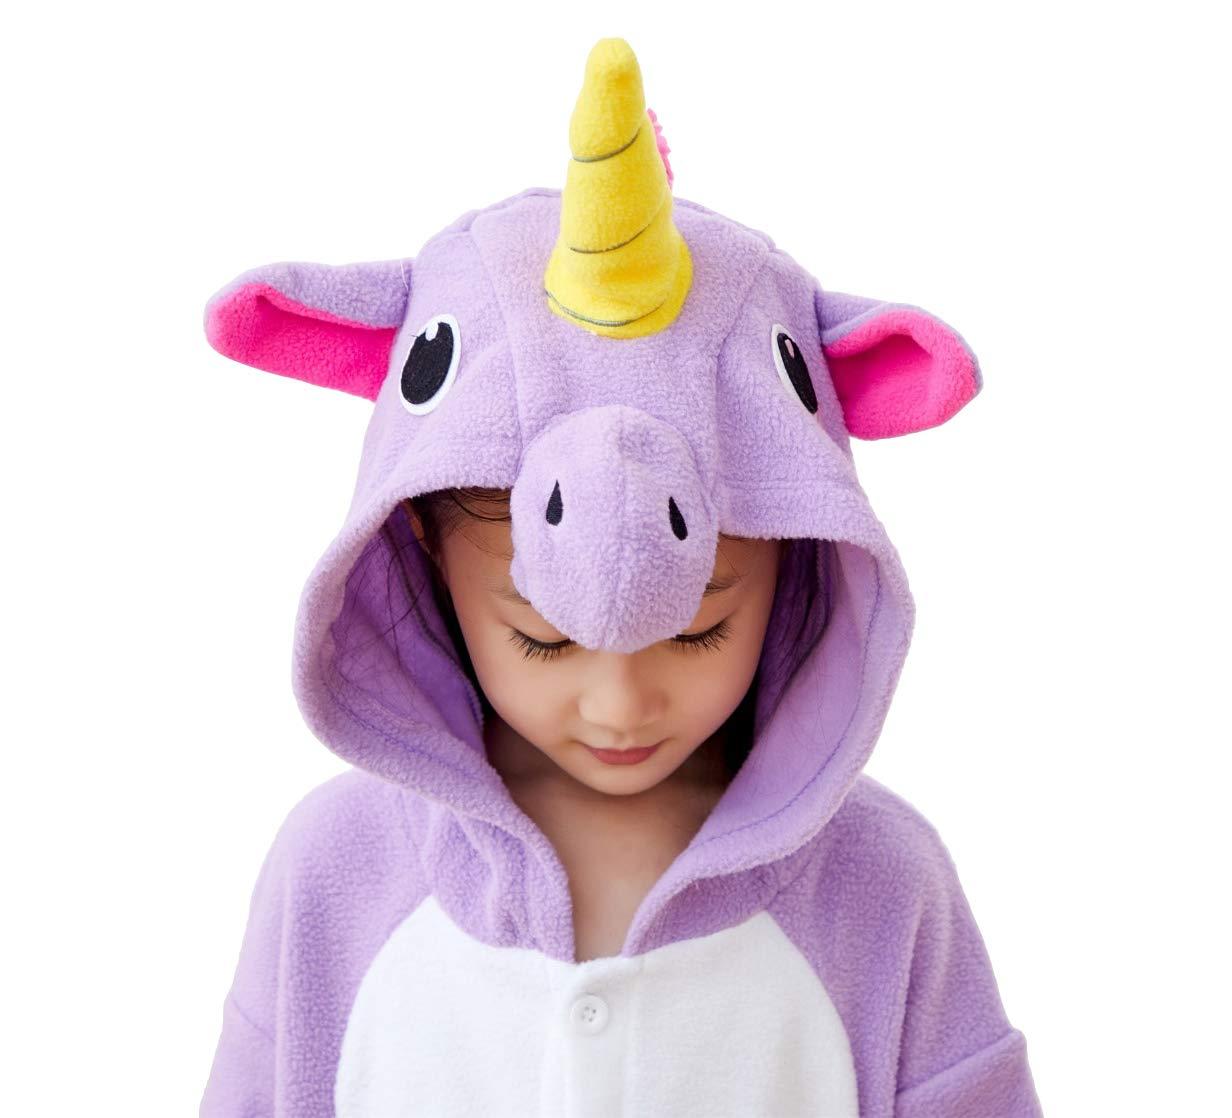 Kids Unisex Animal Pajamas One Piece Anime Onesie Unicorn Costumes Homewear Purple 2-4 by Mybei (Image #5)